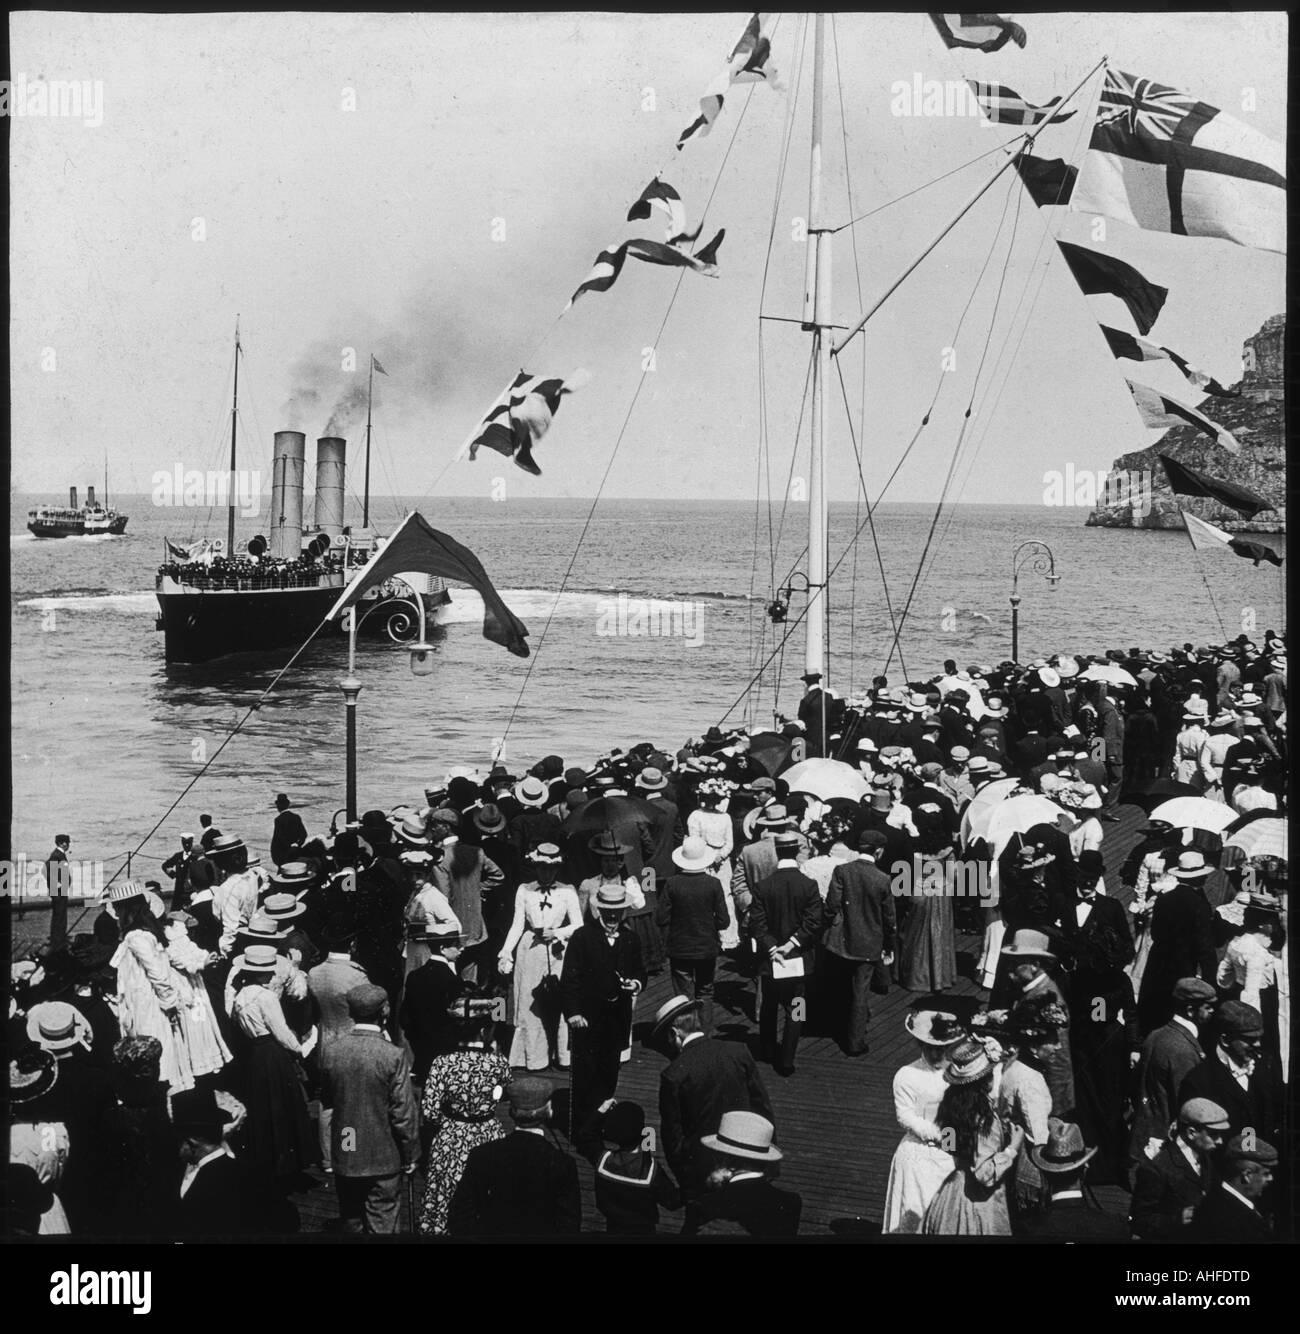 Foule de navires à vapeur 1899 Photo Stock